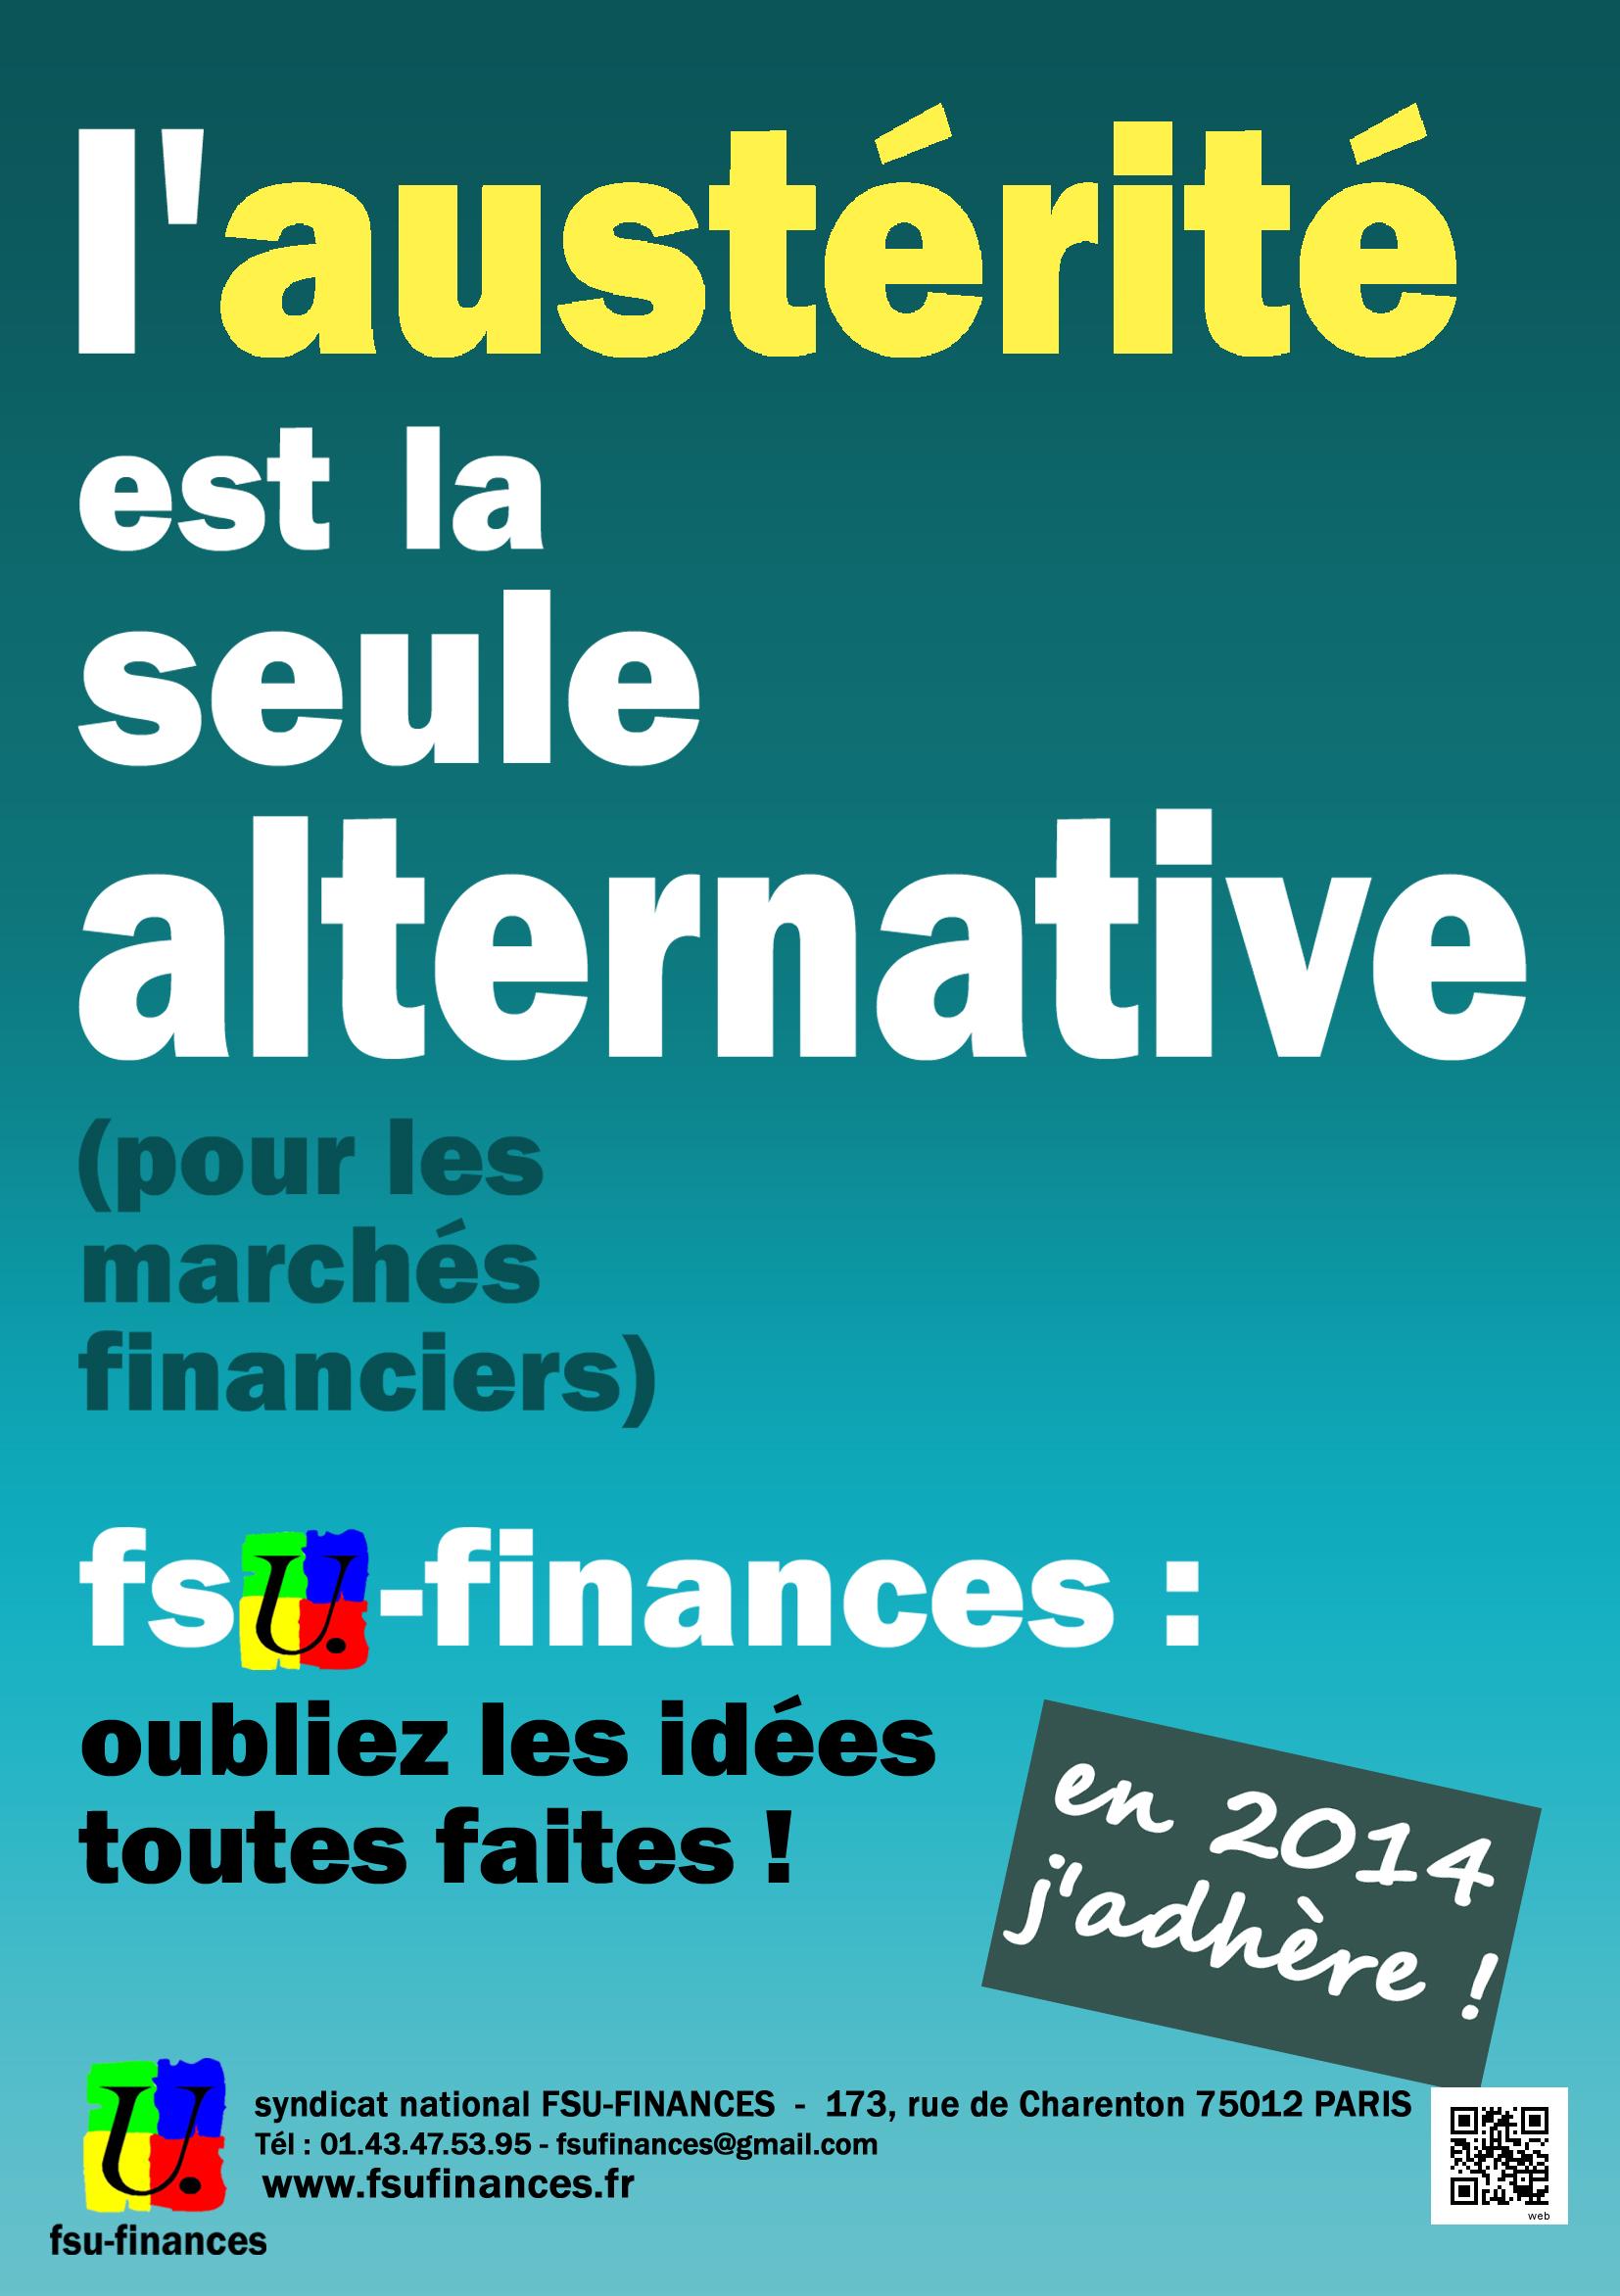 Austérité chance bleu